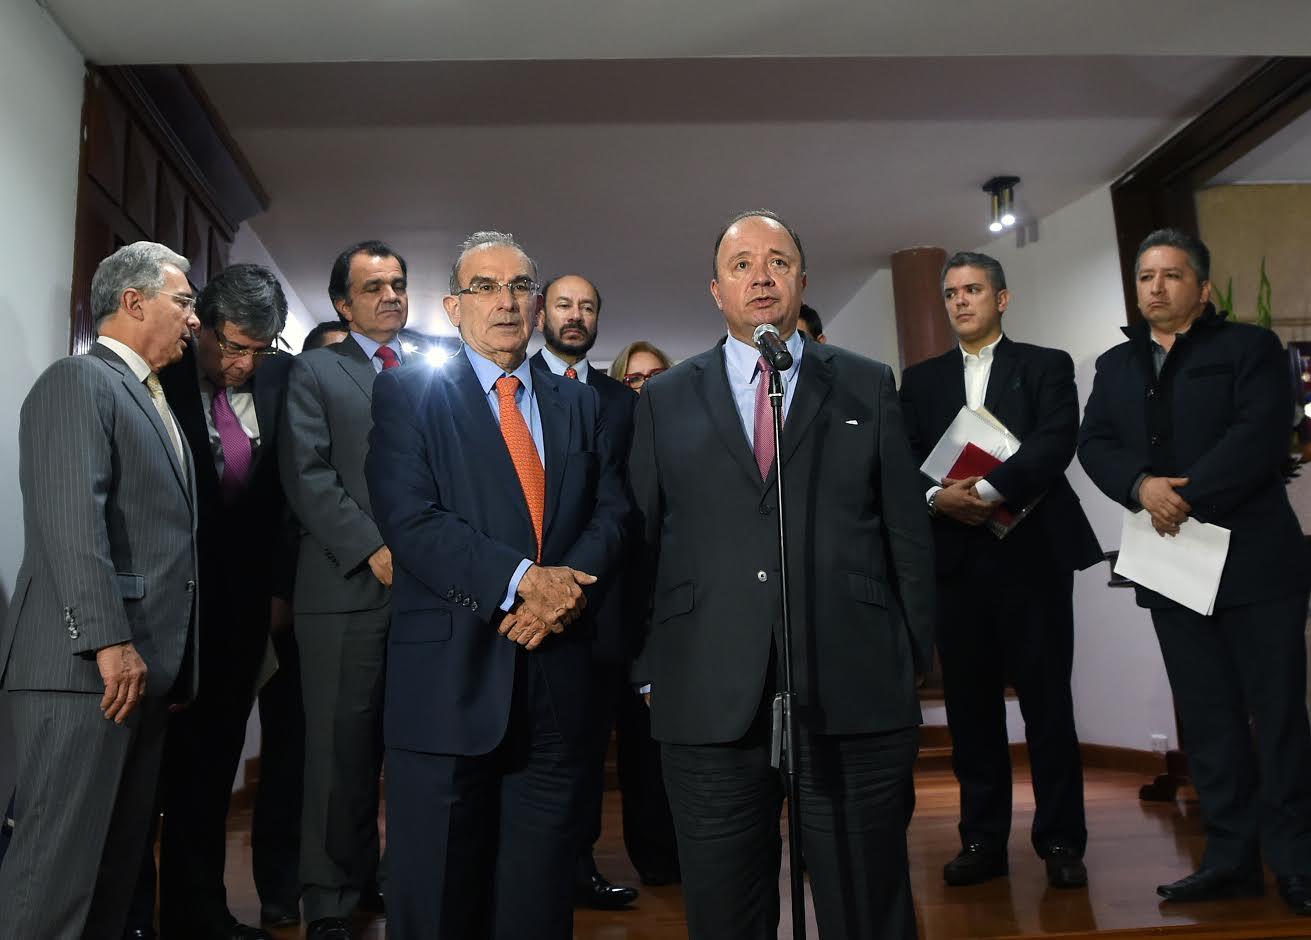 luis-carlos-villegas-presidio-la-segunda-reunion-entre-los-voceros-del-no-y-los-delegados-del-presidente-juan-manuel-santos